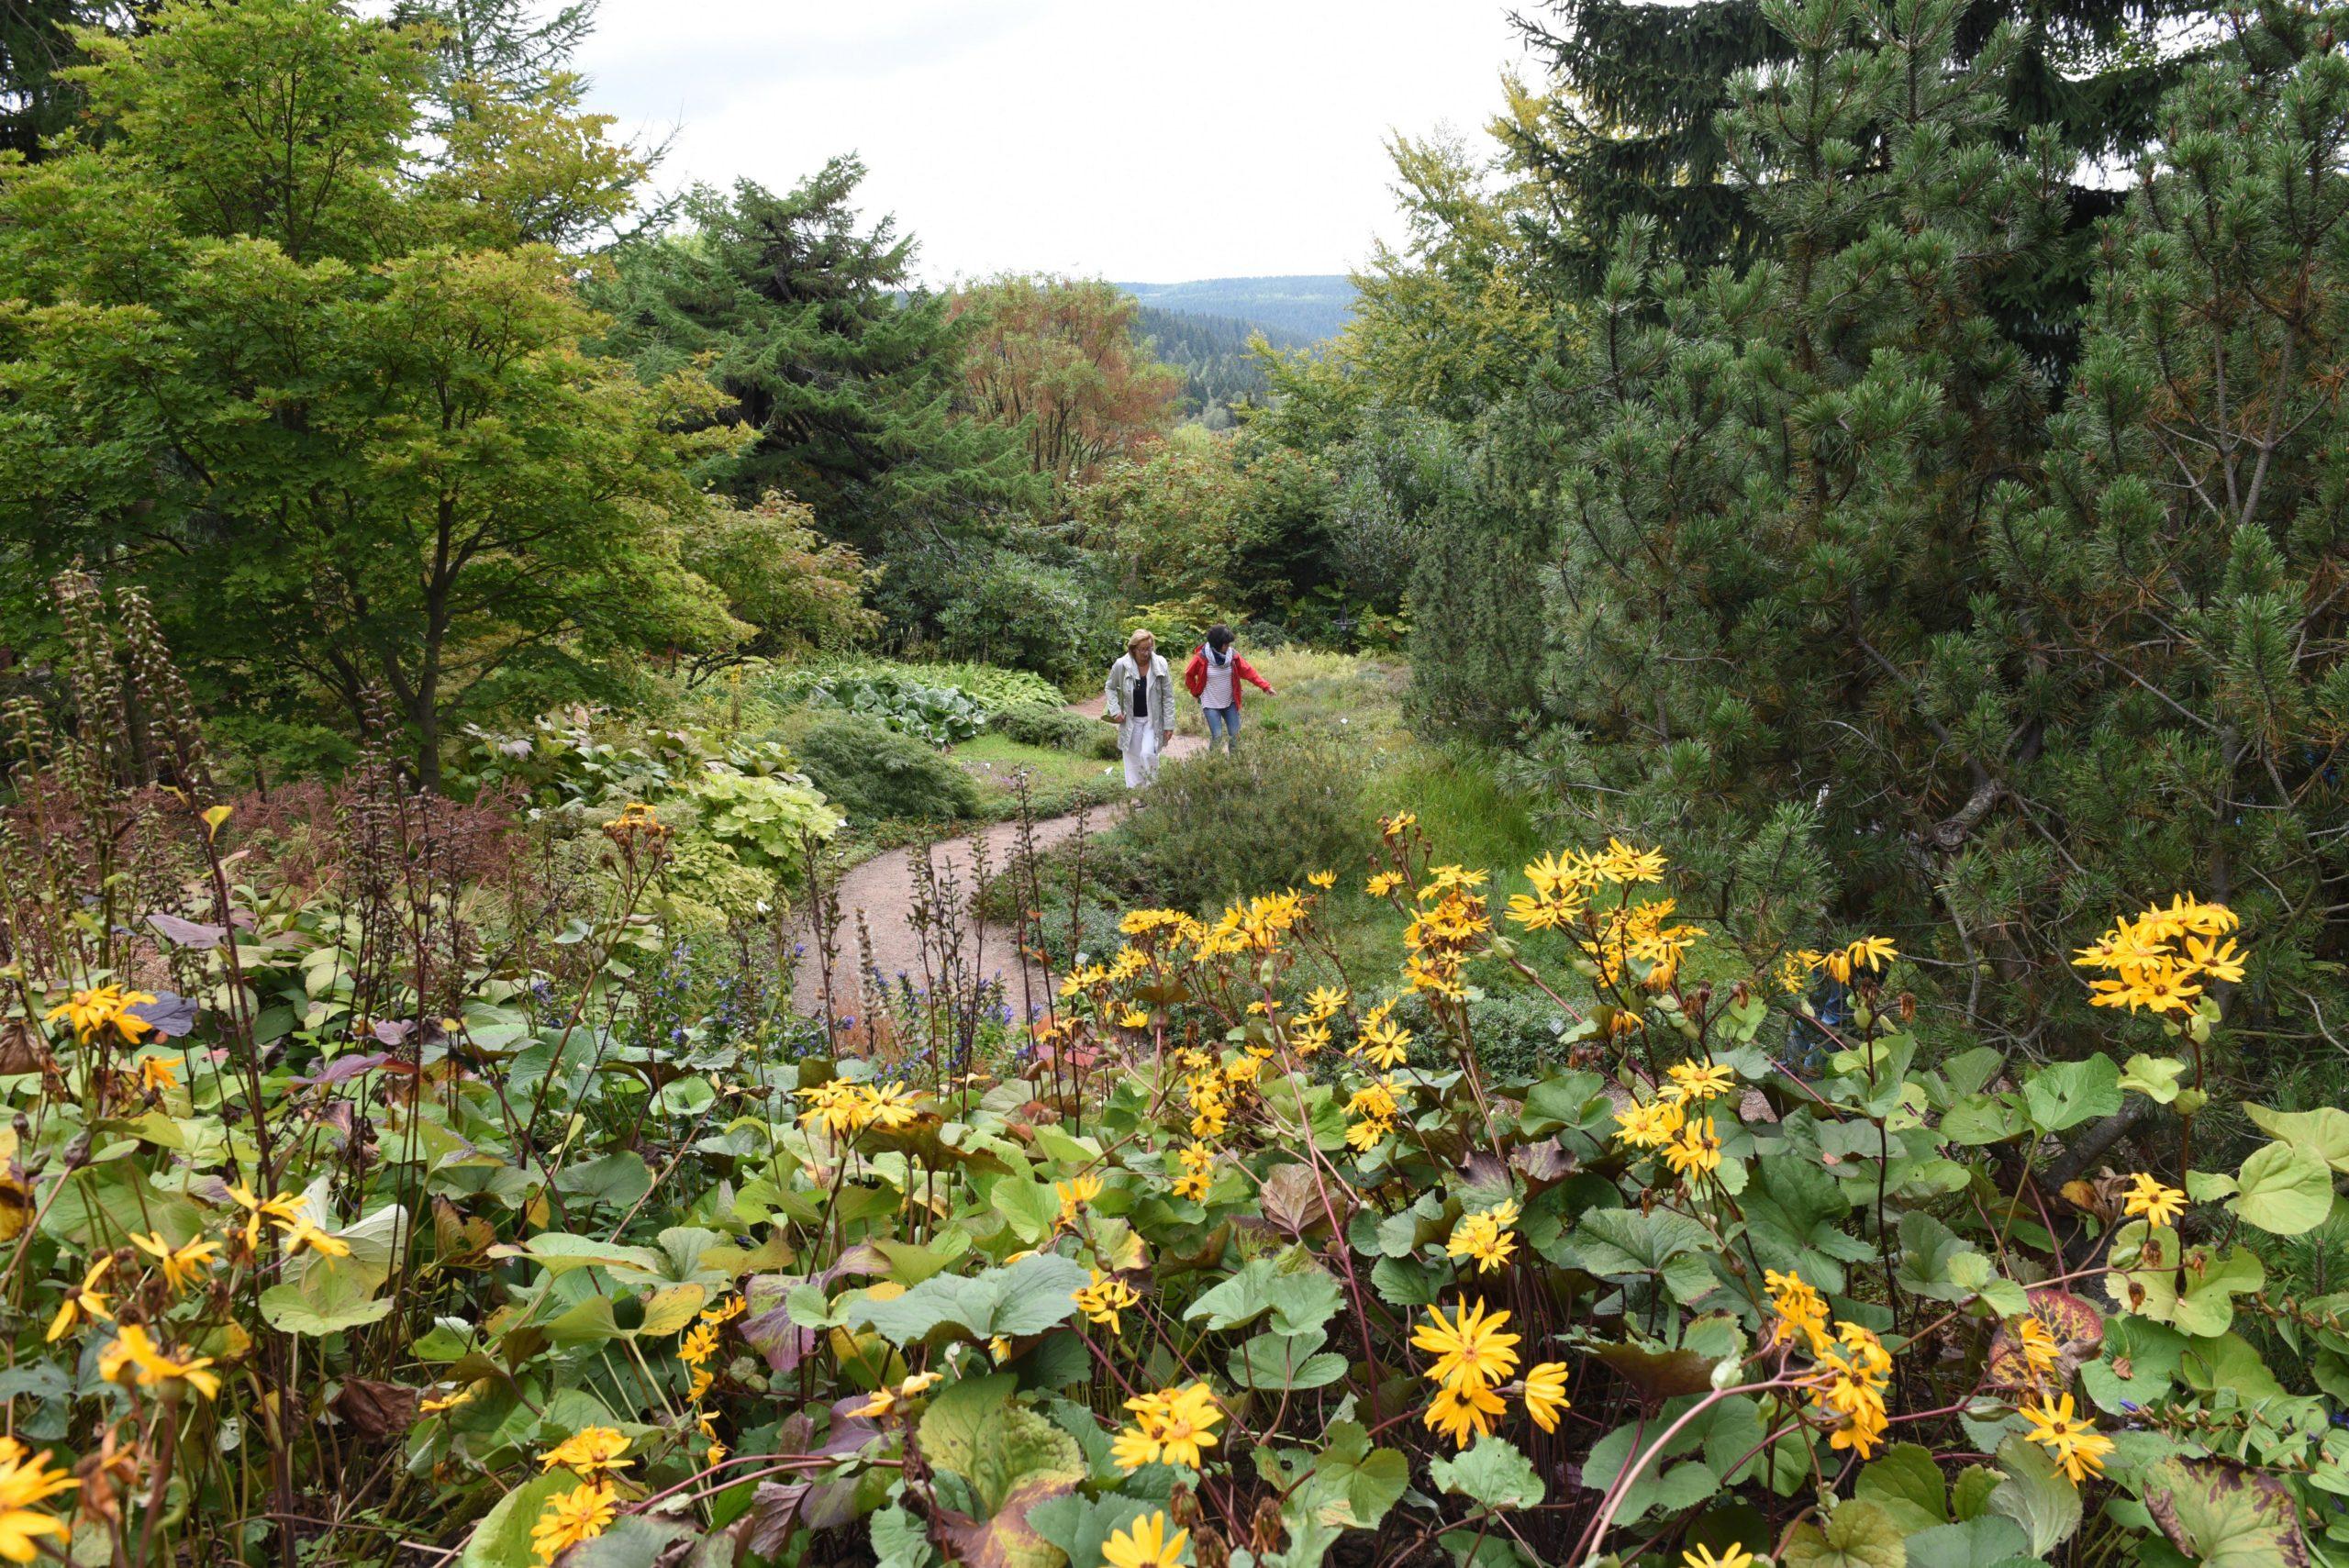 118_Egbert_Kamprath_2019_Natur_Botanischer_Garten